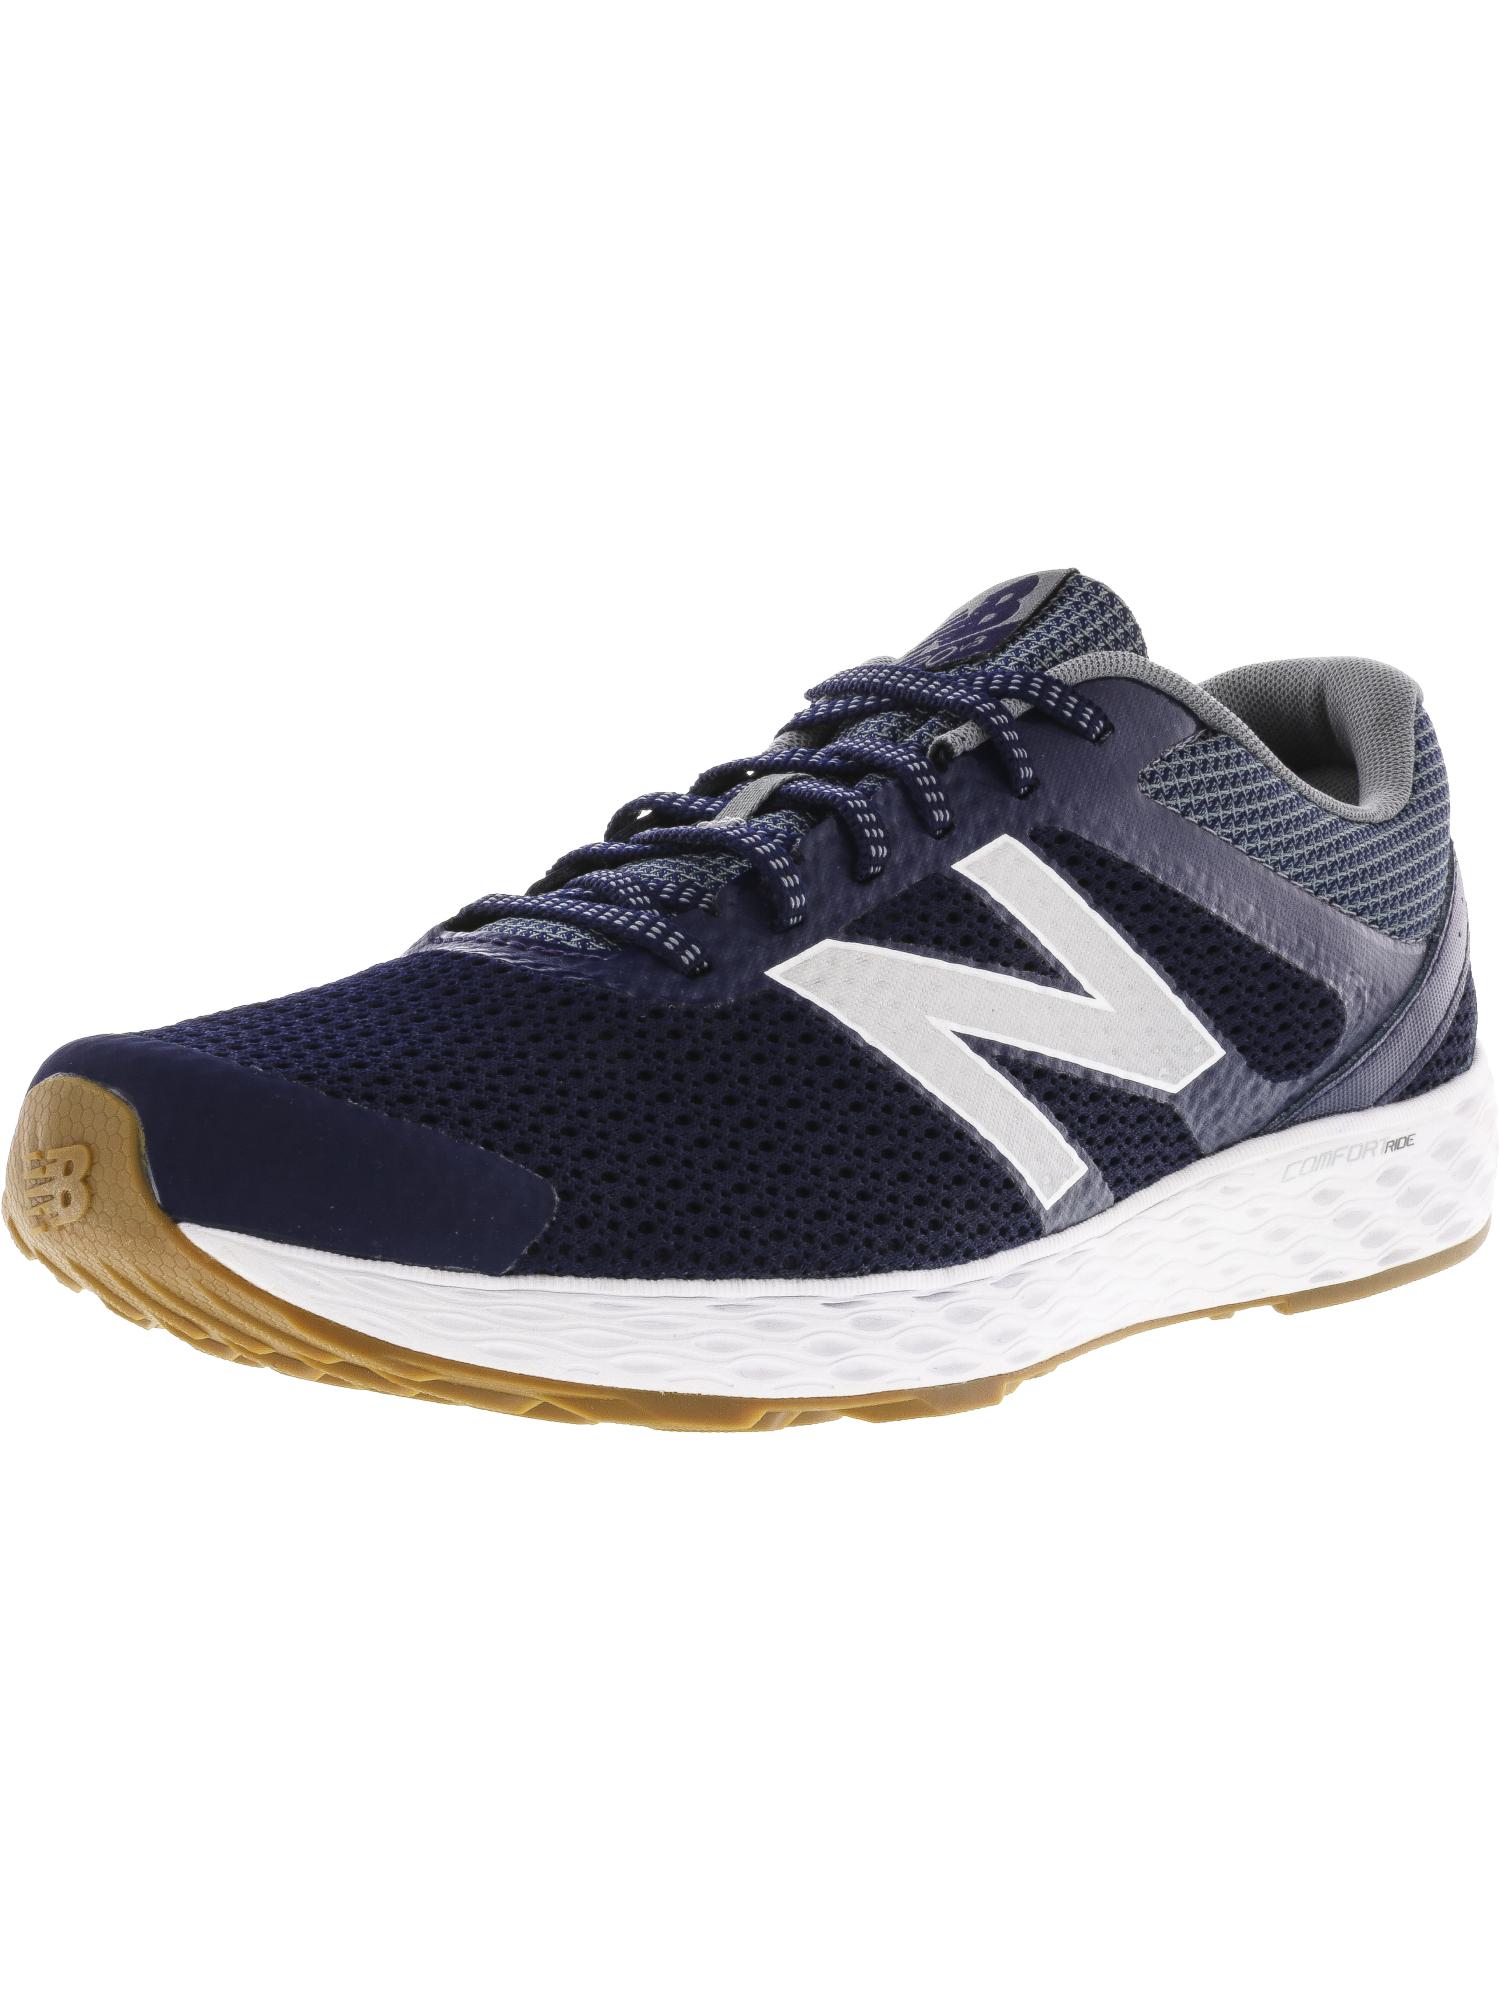 Nuovo m520 equilibrio degli uomini m520 Nuovo caviglia alta delle scarpe da corsa ced6d9